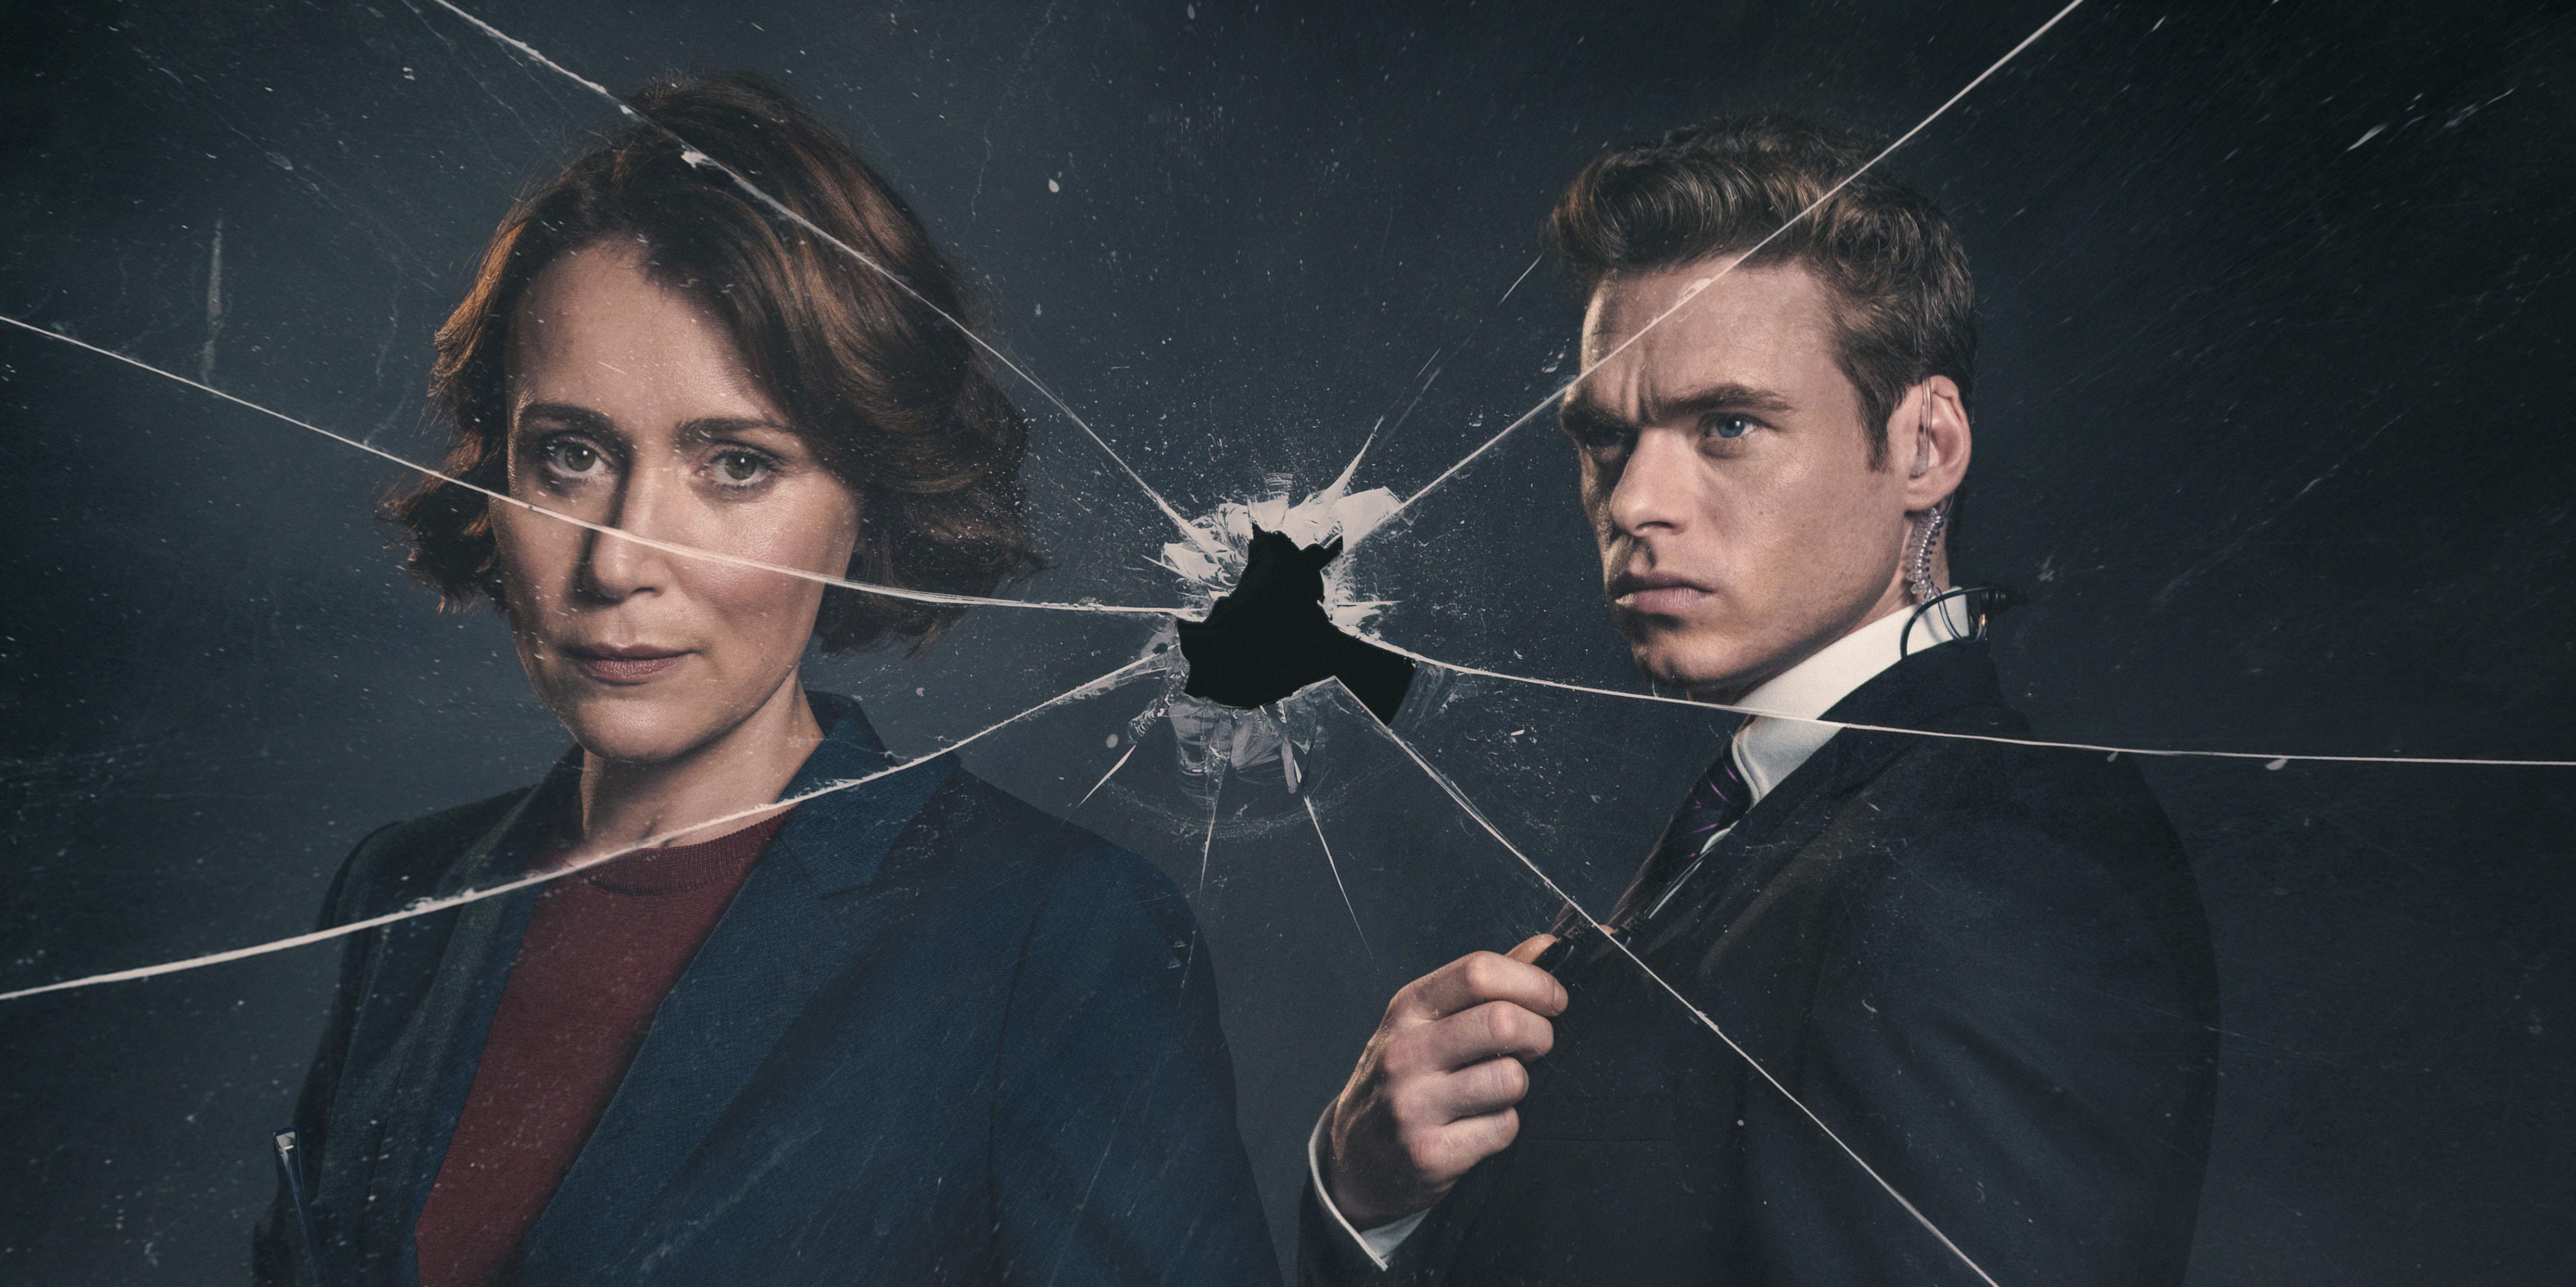 Bodyguard: thriller-miniserie van BBC